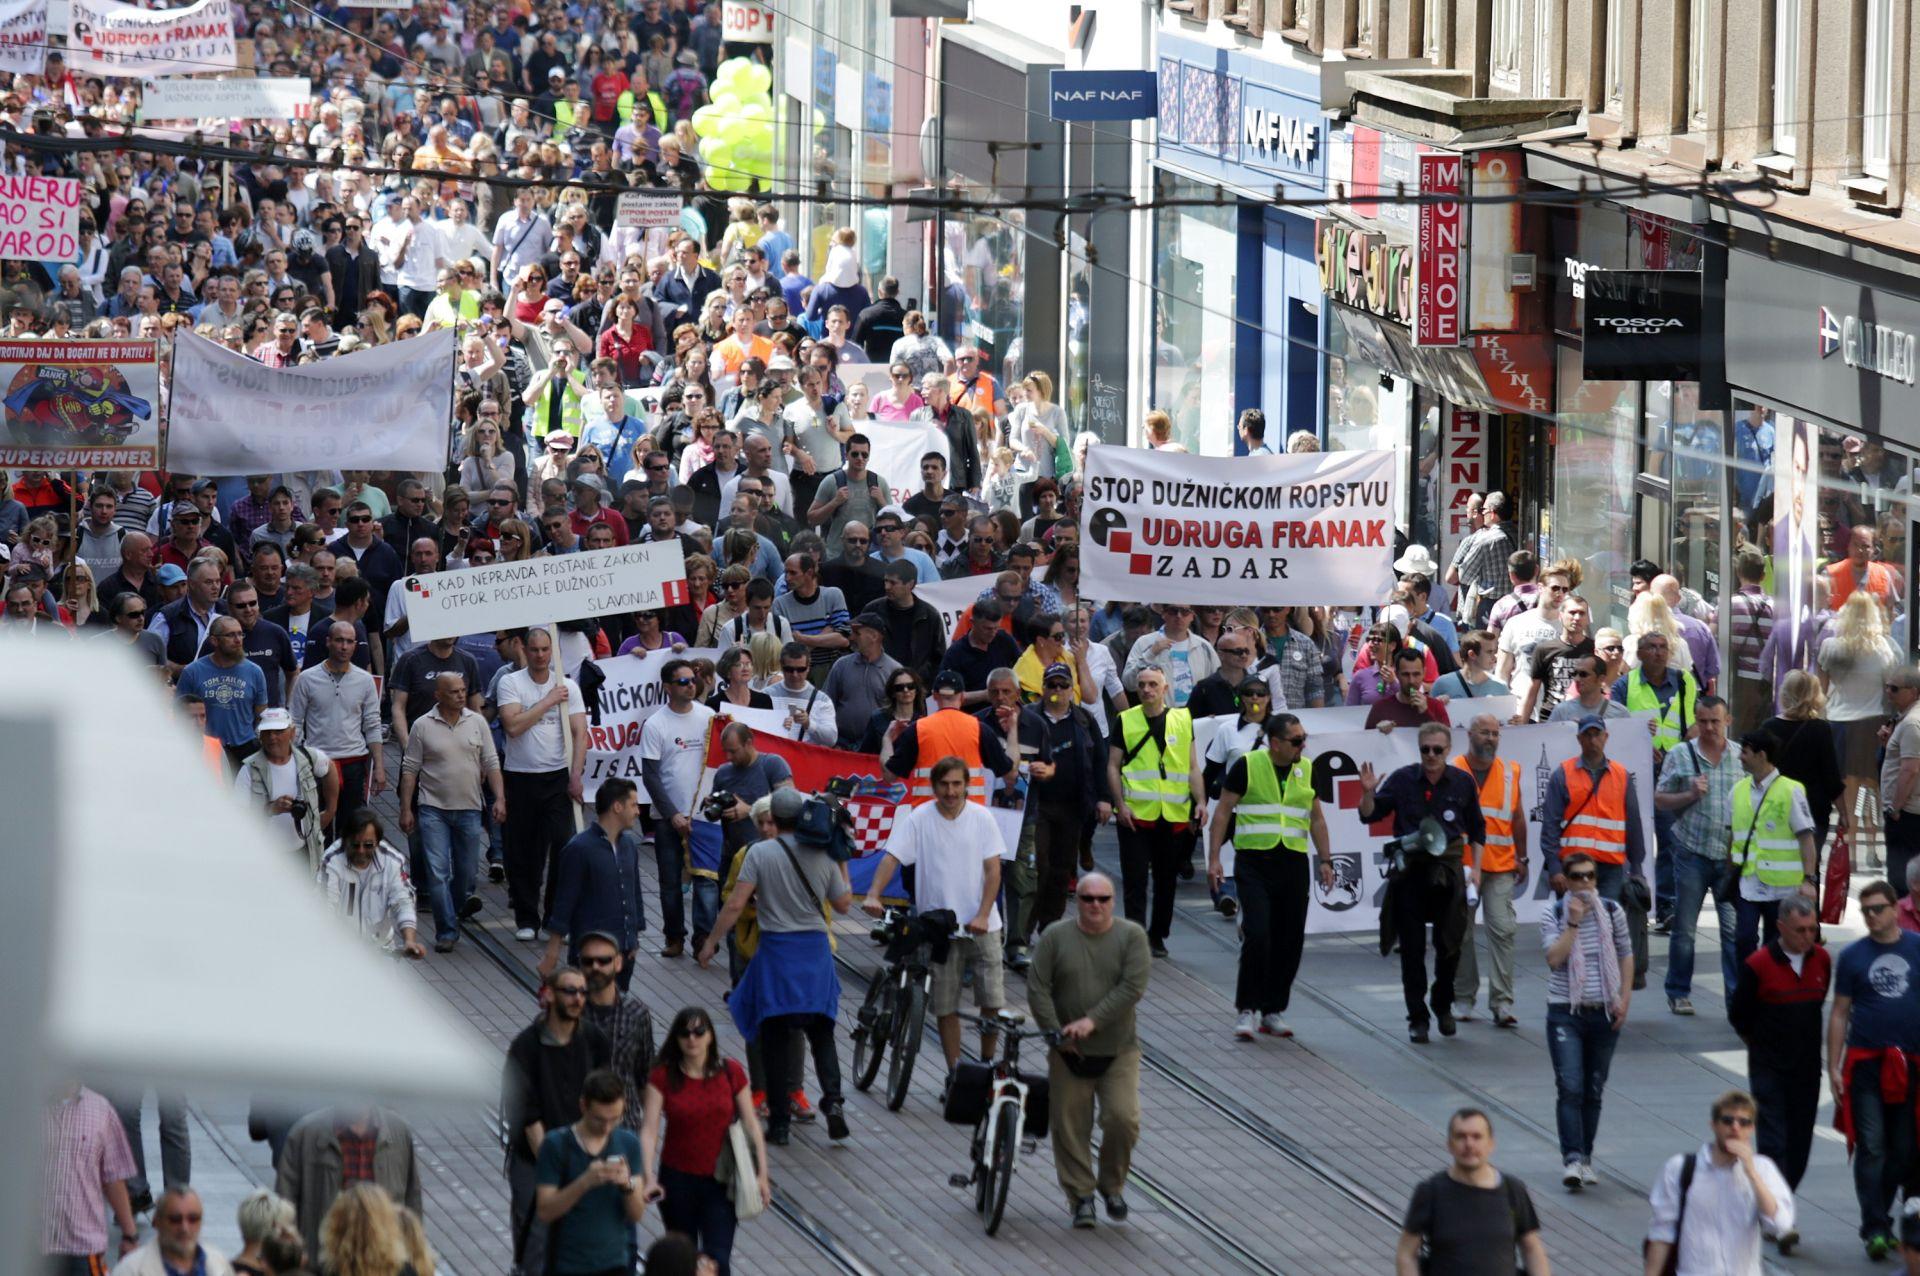 UDRUGA FRANAK Zbog pasivnosti instititucija u petak prosvjed na Markovom trgu